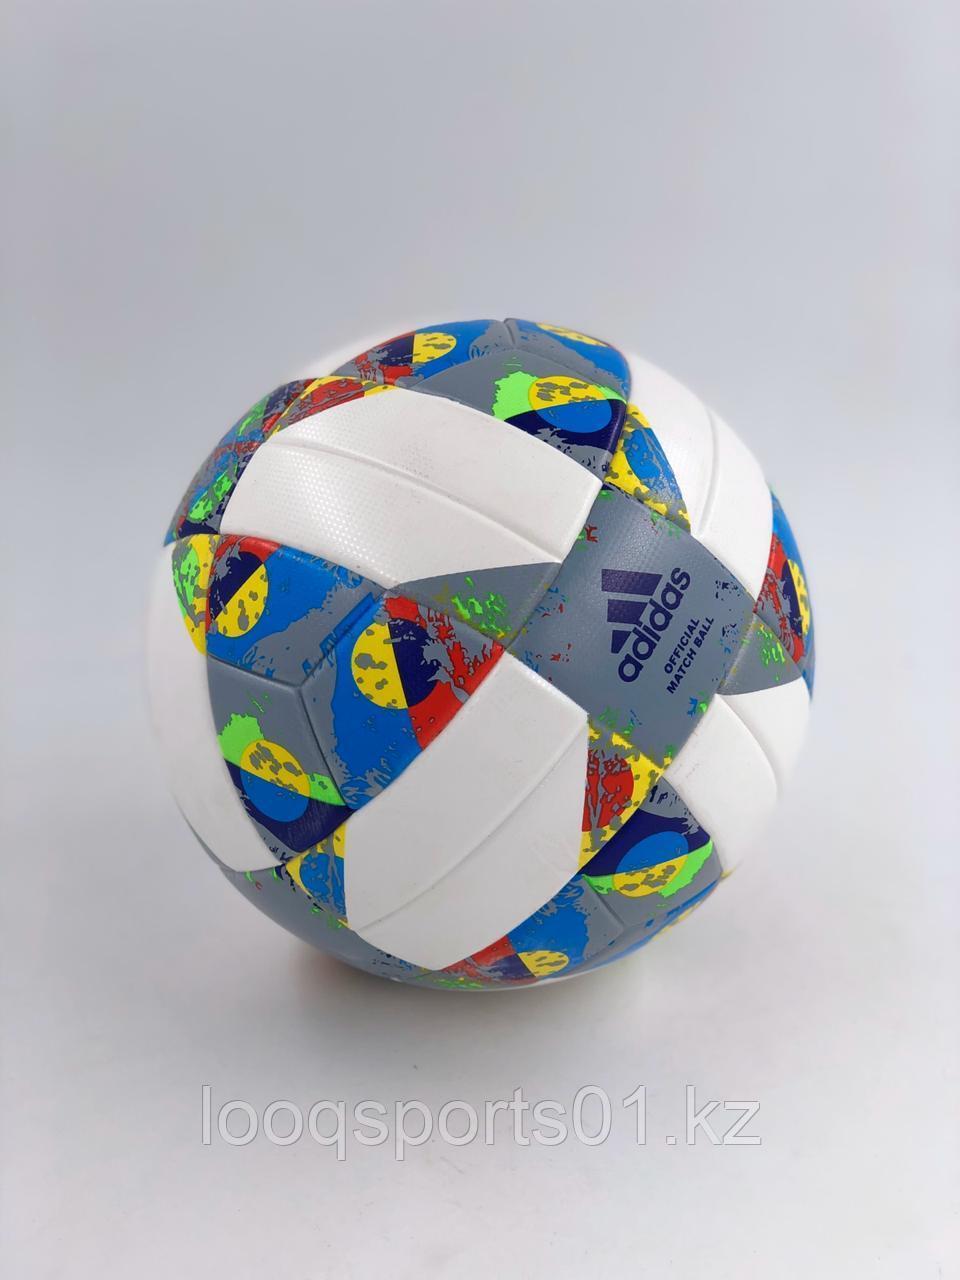 Футбольный мяч Adidas (5 размер) с бесплатной доставкой